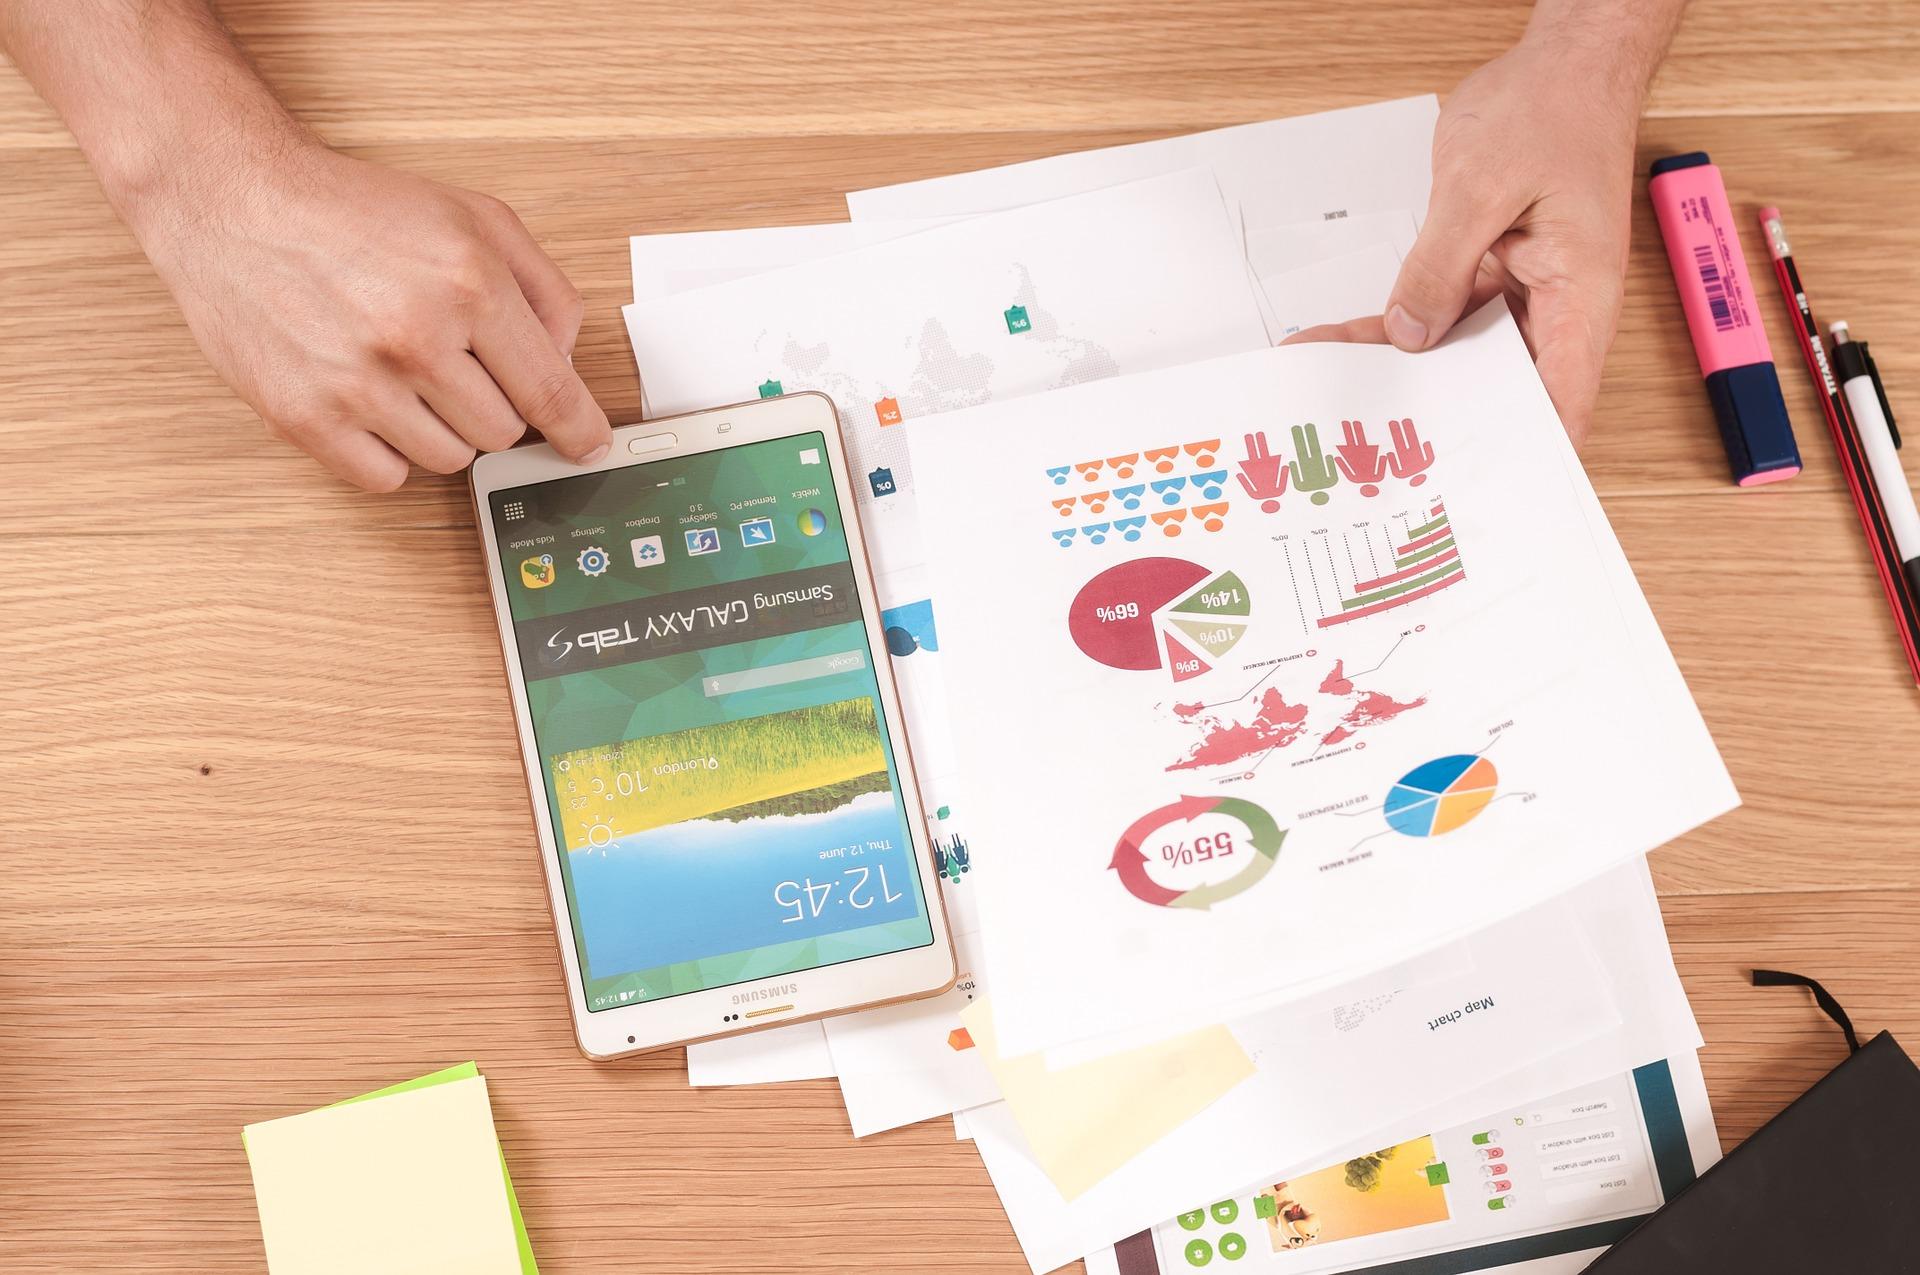 브랜드 전략 컨설팅(Brand Strategy Consulting)